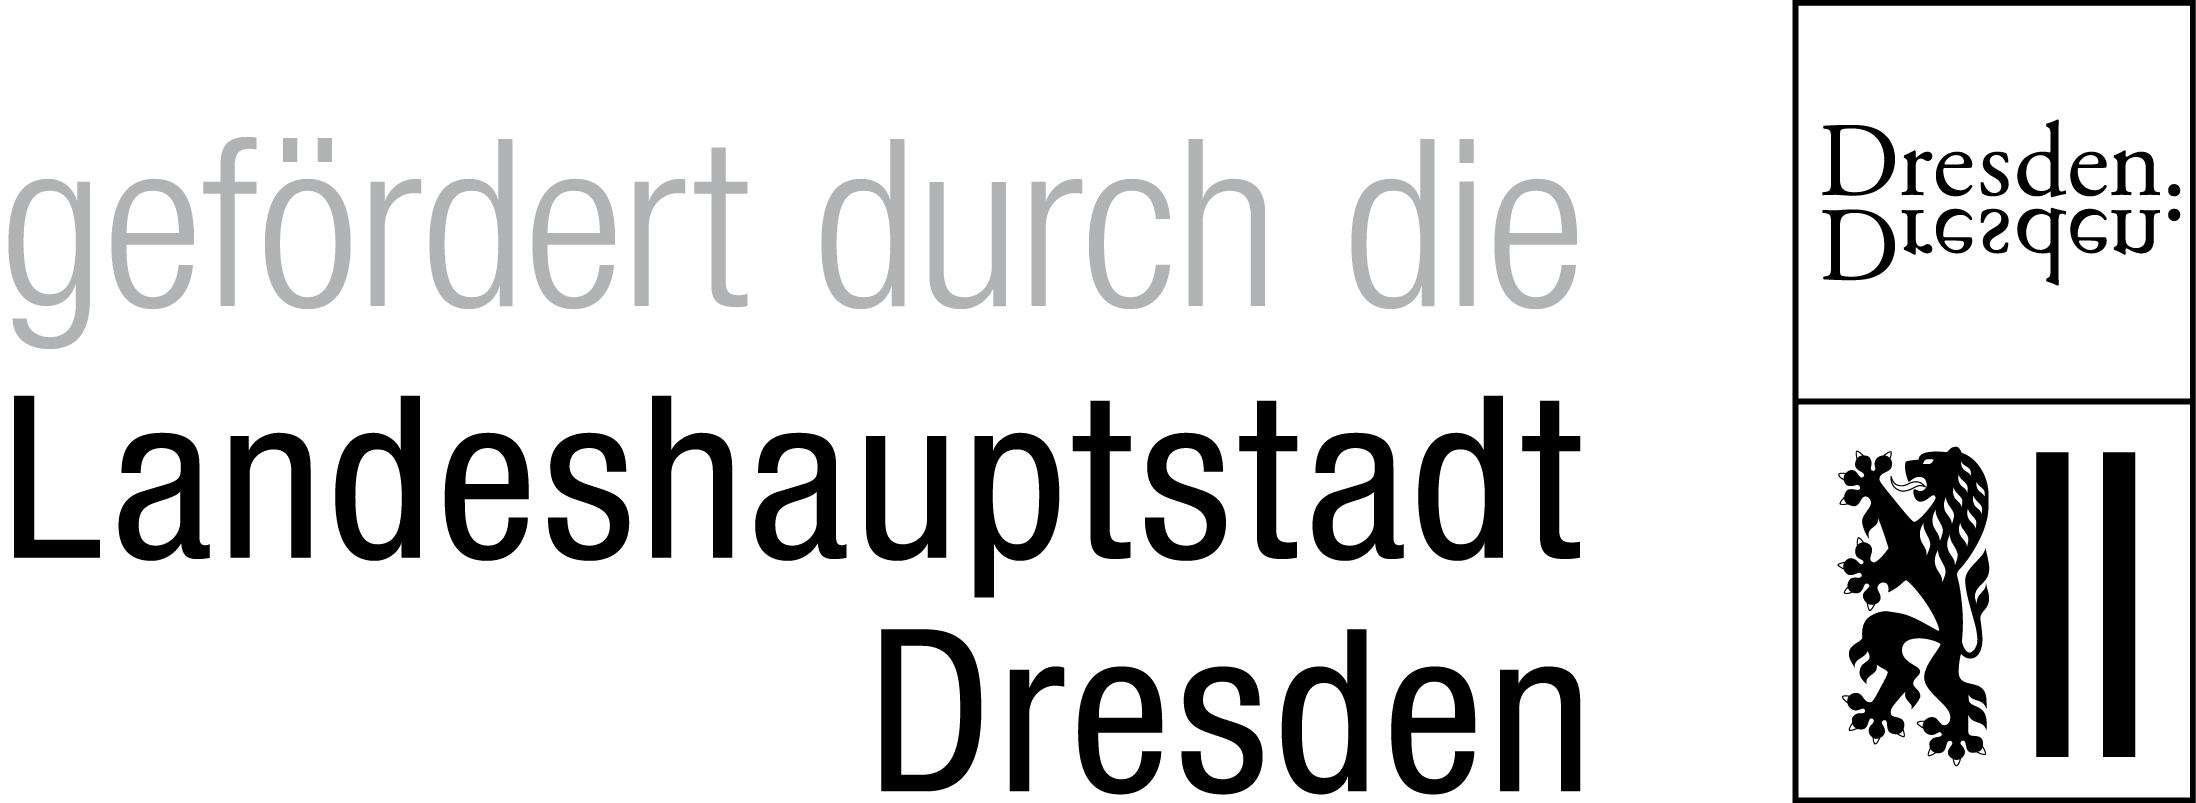 Logo_Landeshauptstadt Dresden